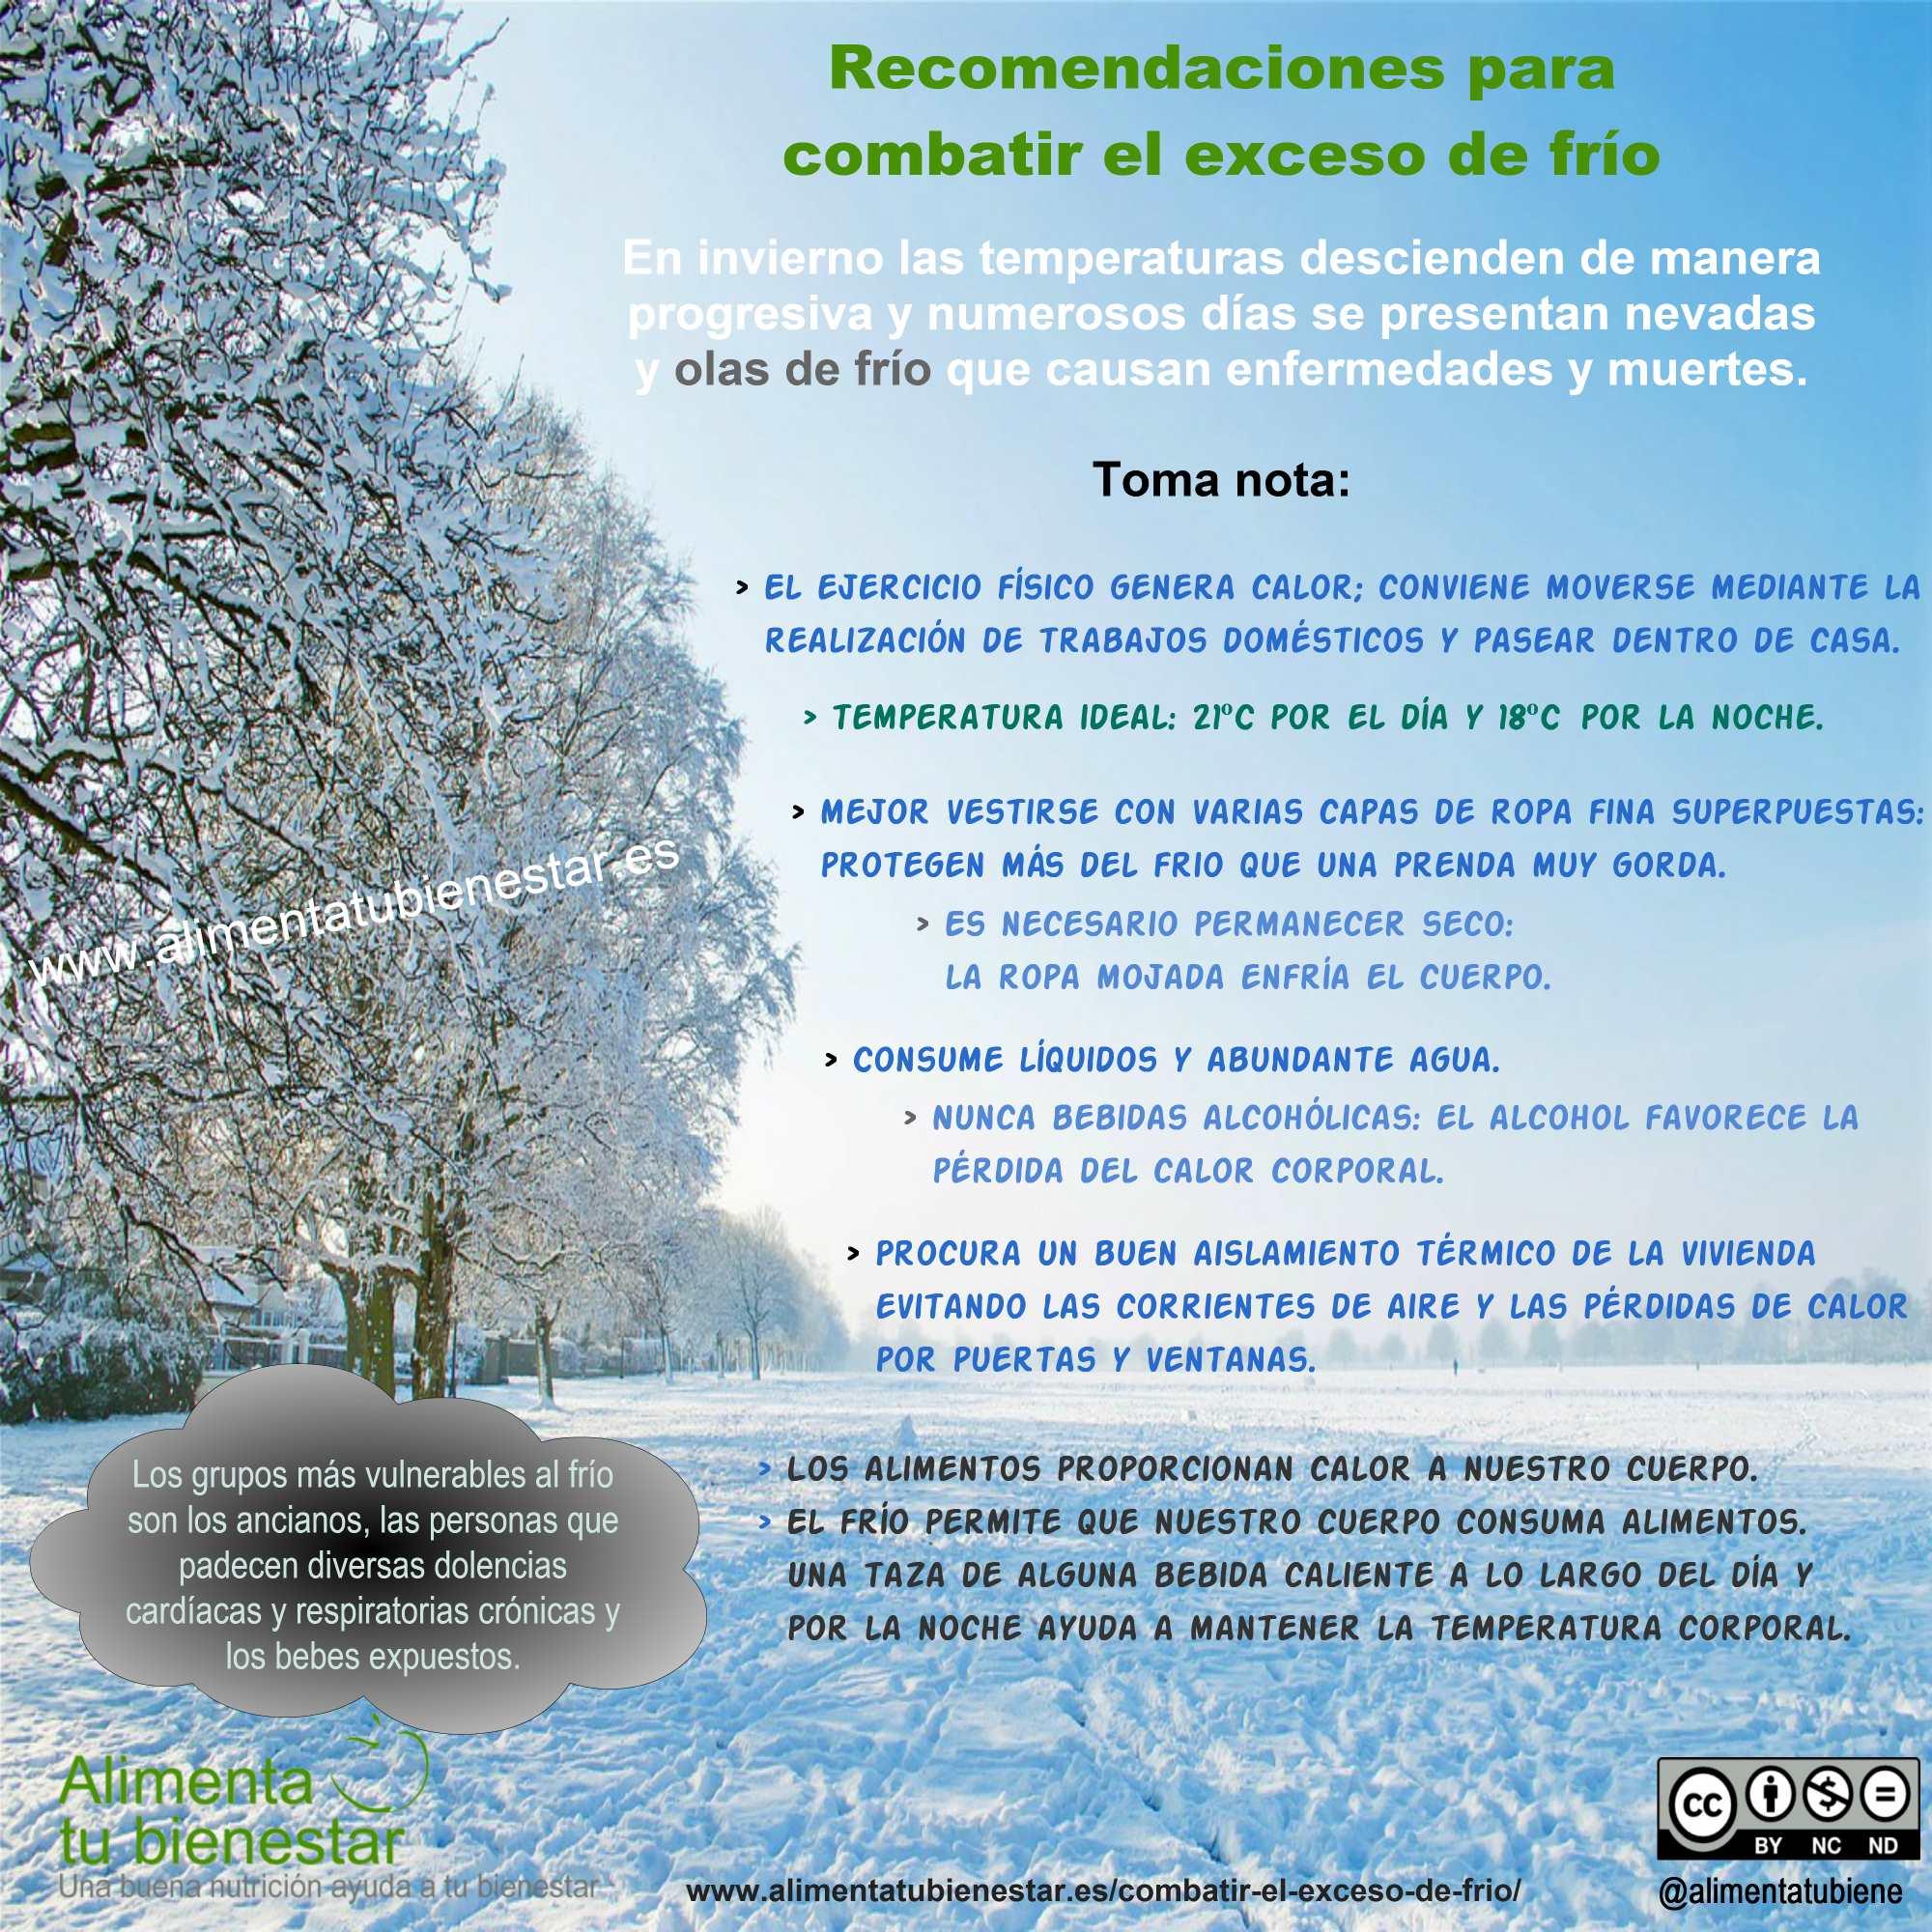 Medidas para combatir el exceso de frío